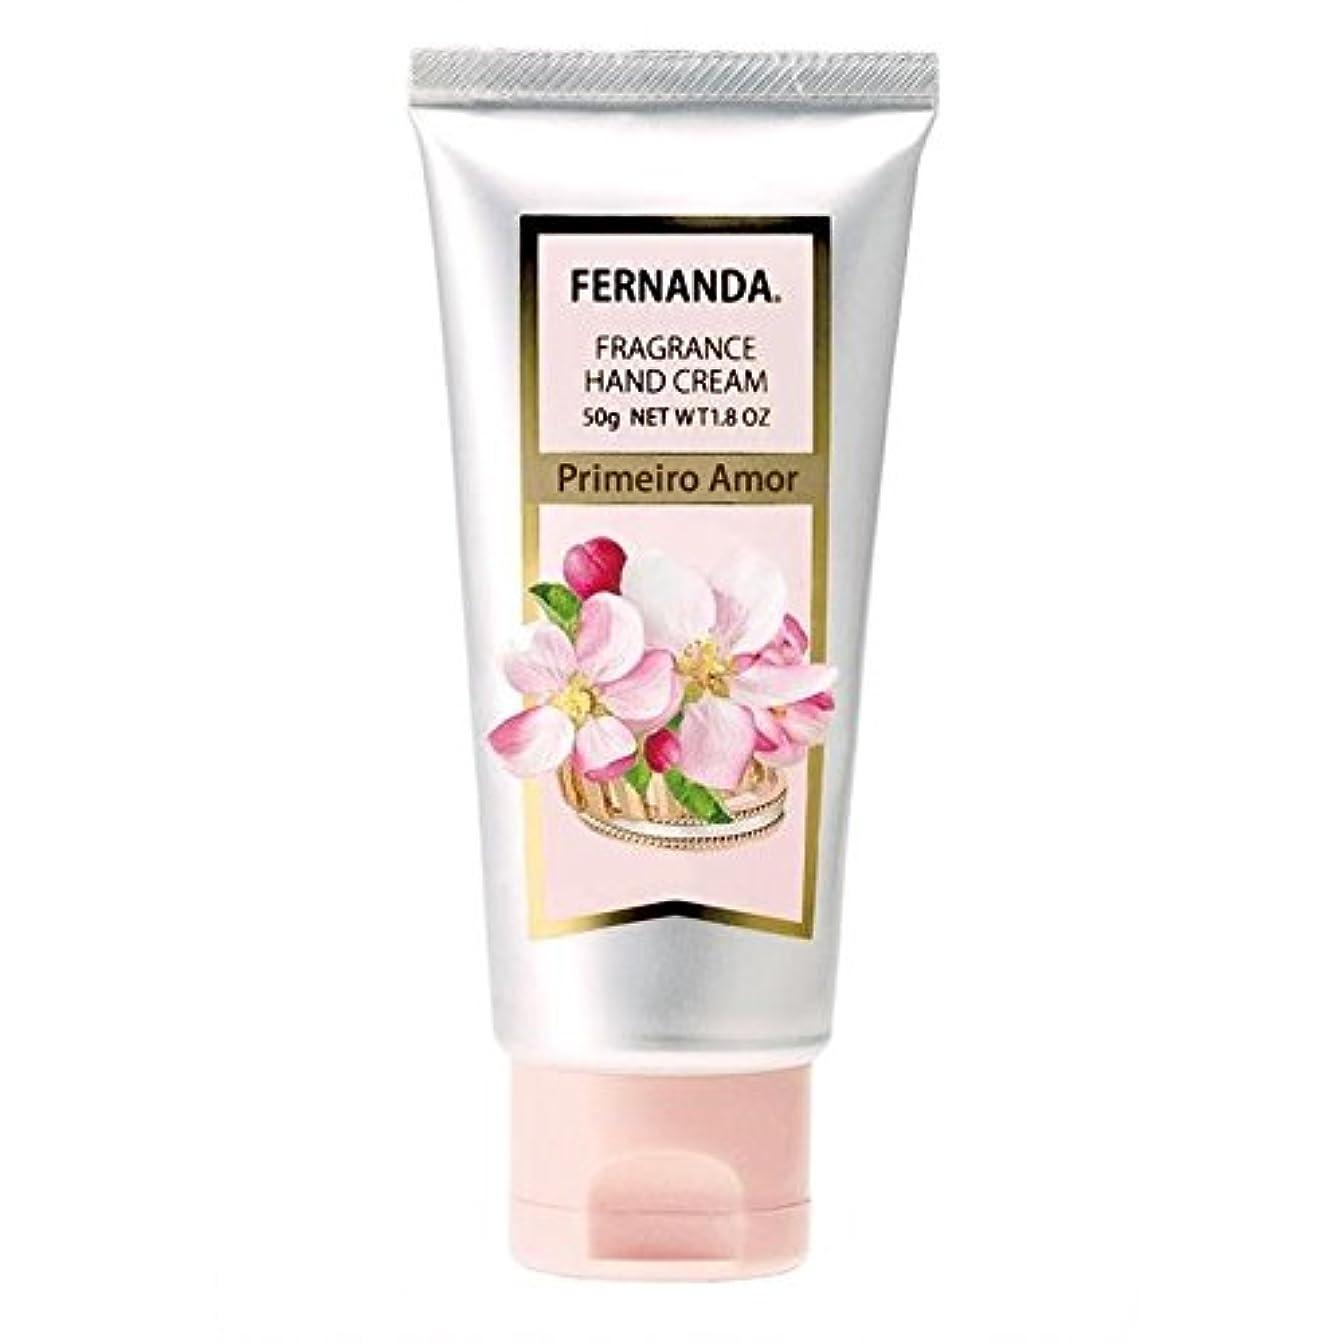 州投資色FERNANDA(フェルナンダ) Hand Cream Primeiro Amor(ハンドクリーム プリメイロアモール)